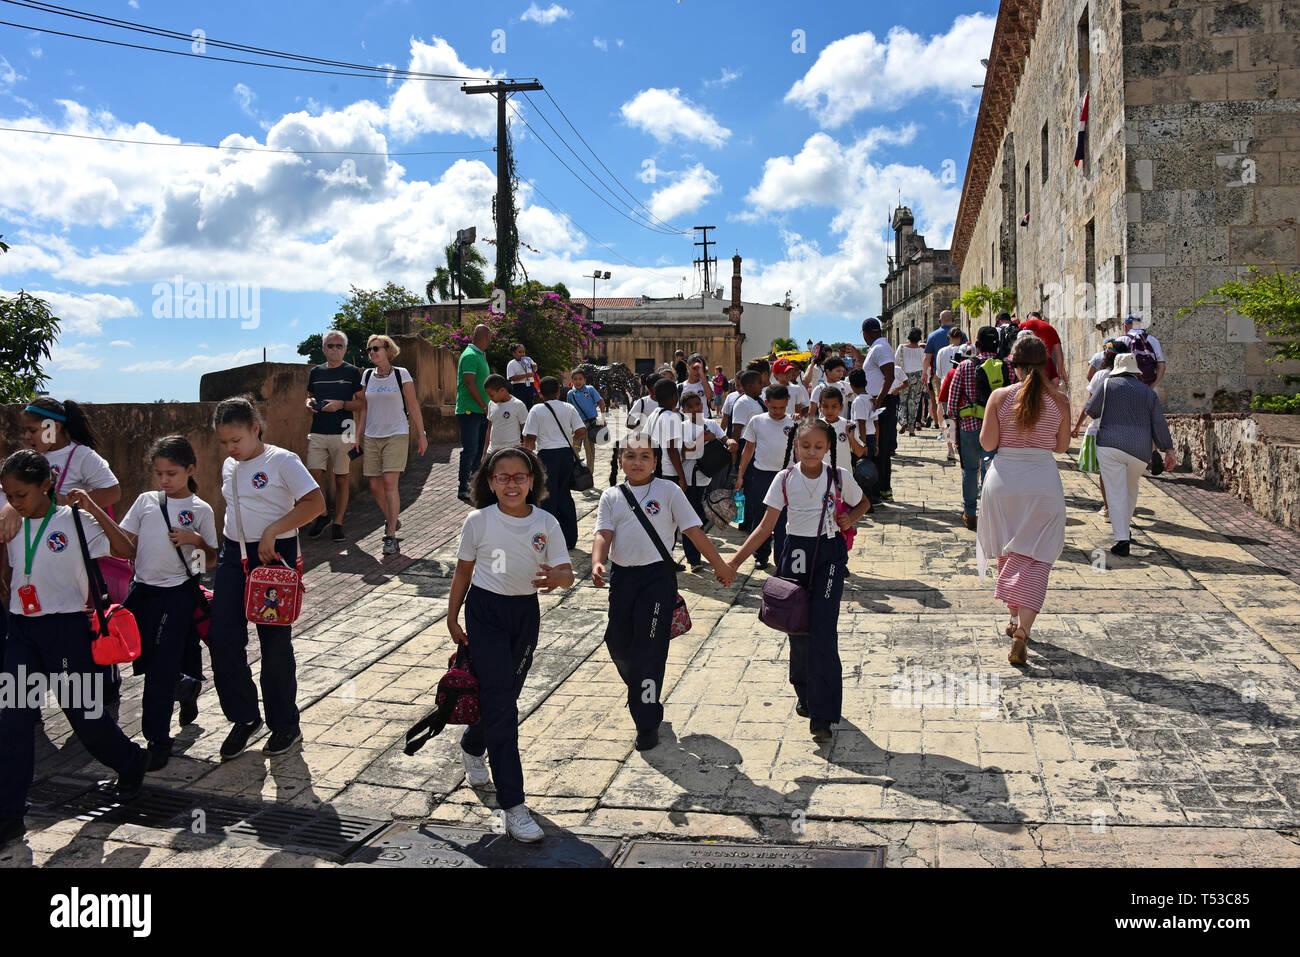 Santo Domingo, Dominican Republic - February 7, 2019:  A group of Dominican school children in uniform in the historic Colonial Zone of Santo Domingo  - Stock Image